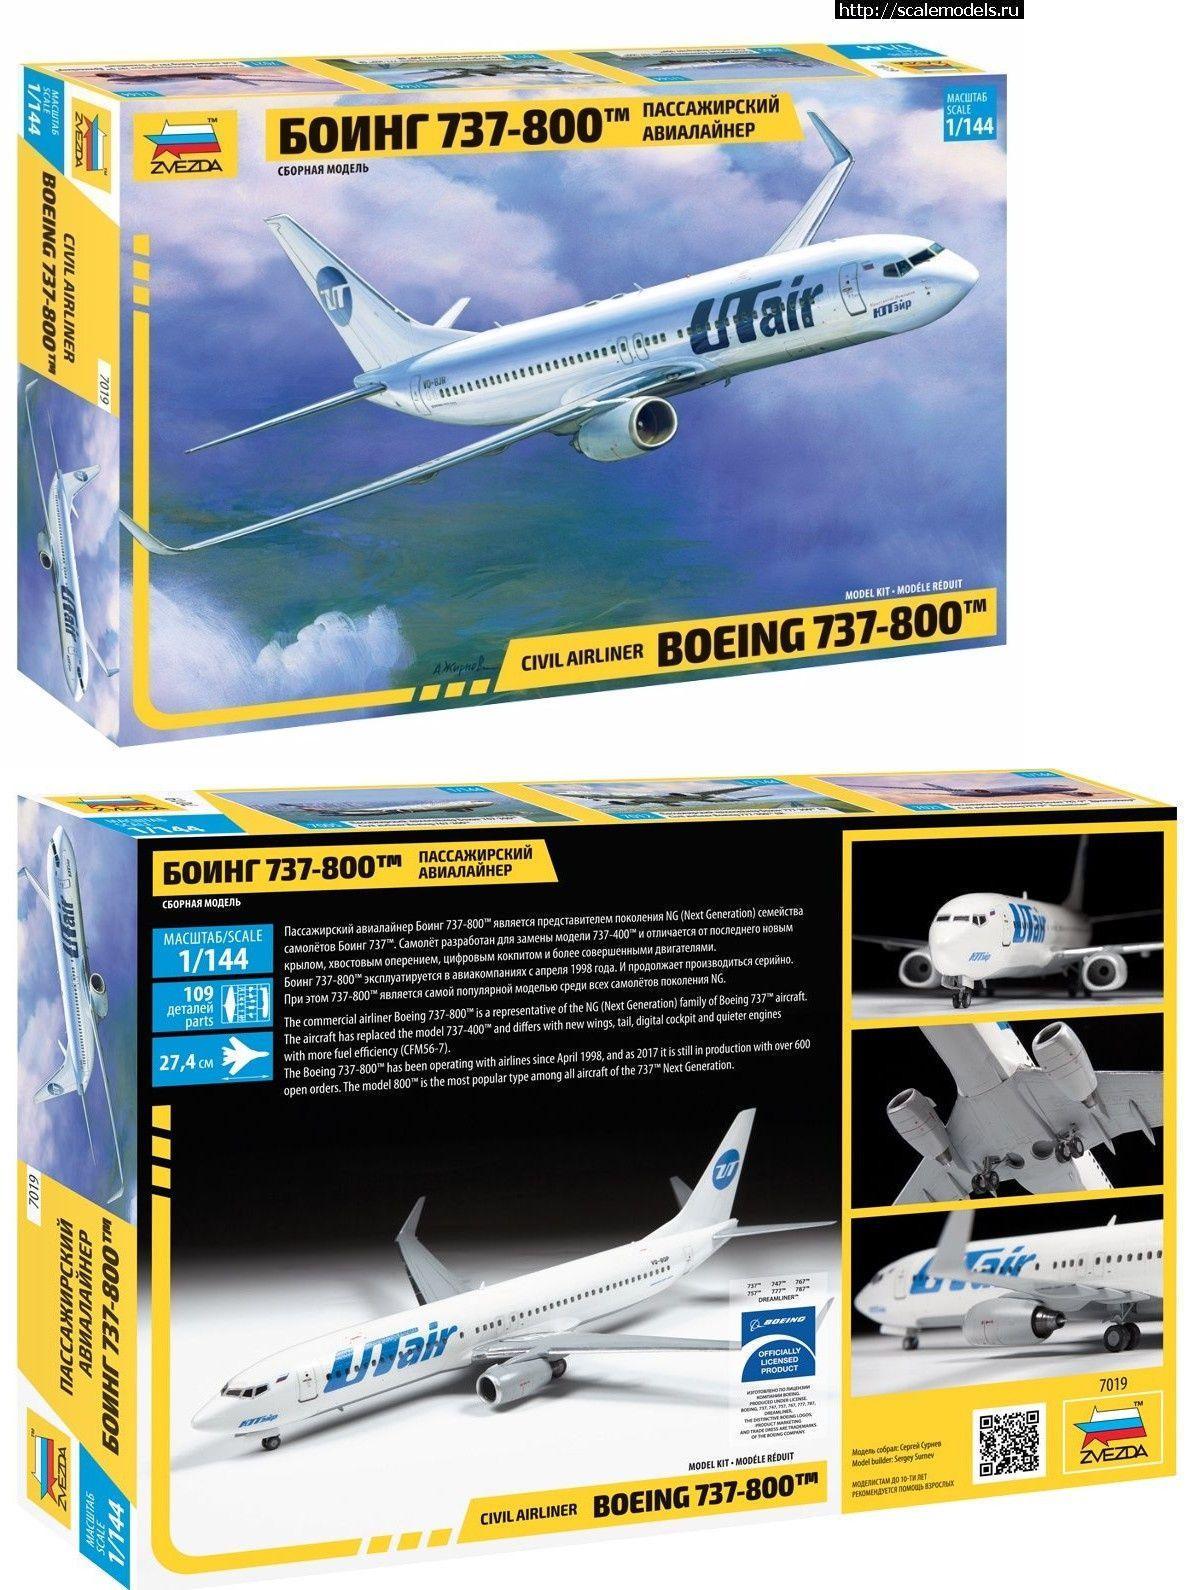 Revell 1:144 Civilian Aircraft Plastic Model Kit Kit Choice